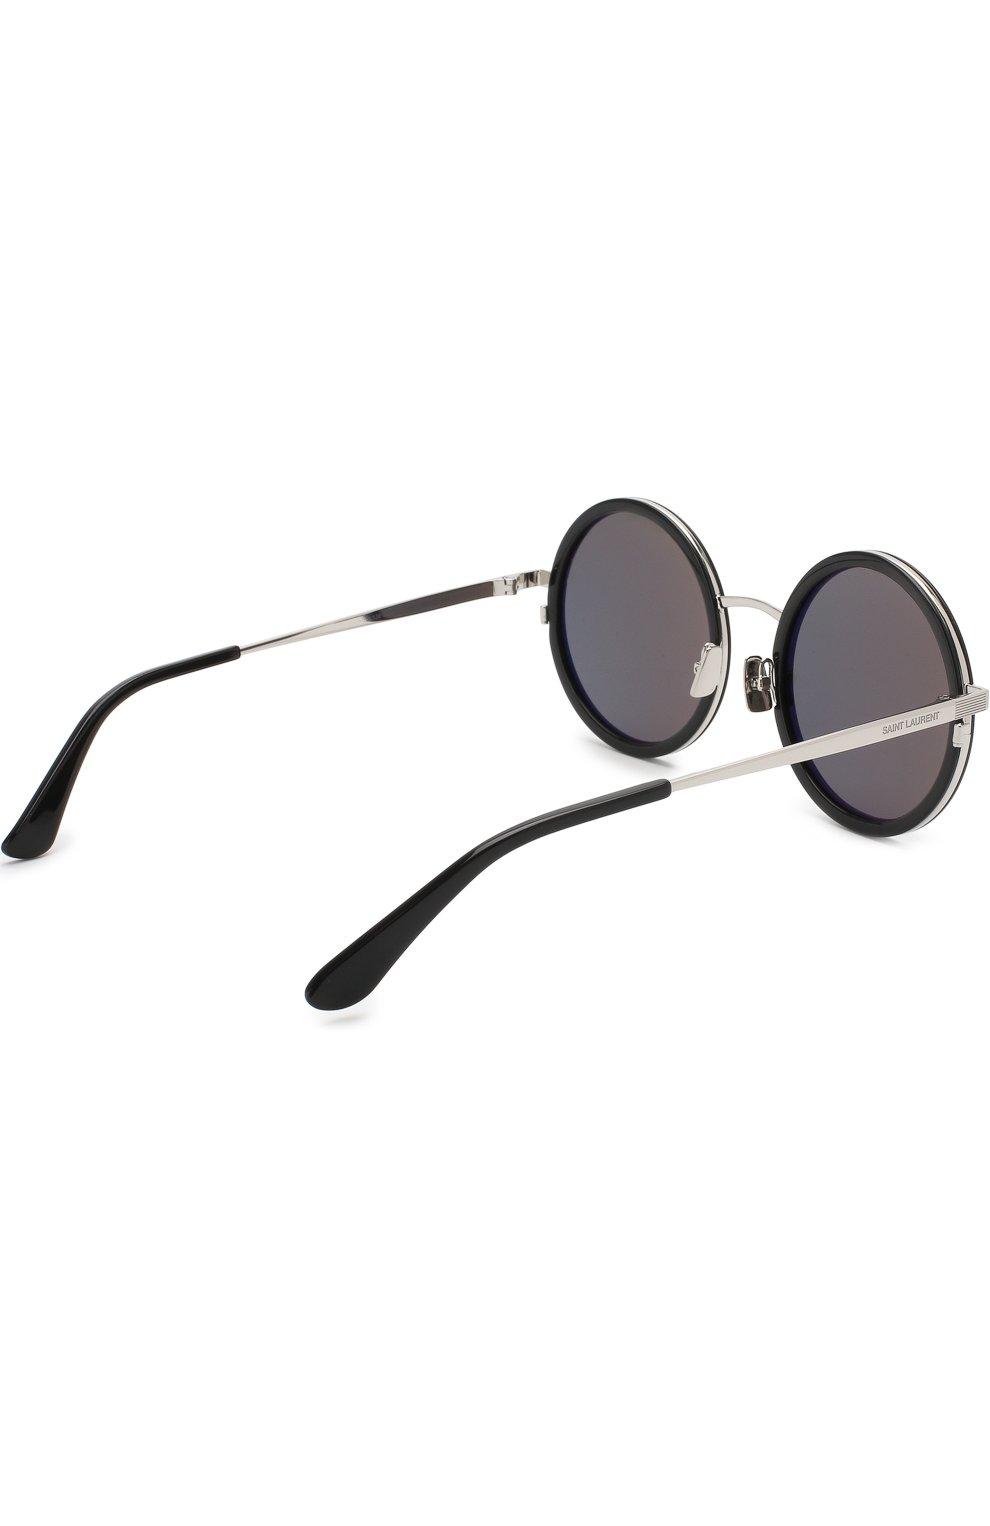 Женские солнцезащитные очки SAINT LAURENT серебряного цвета, арт. SL 136 C0MBI 001 | Фото 3